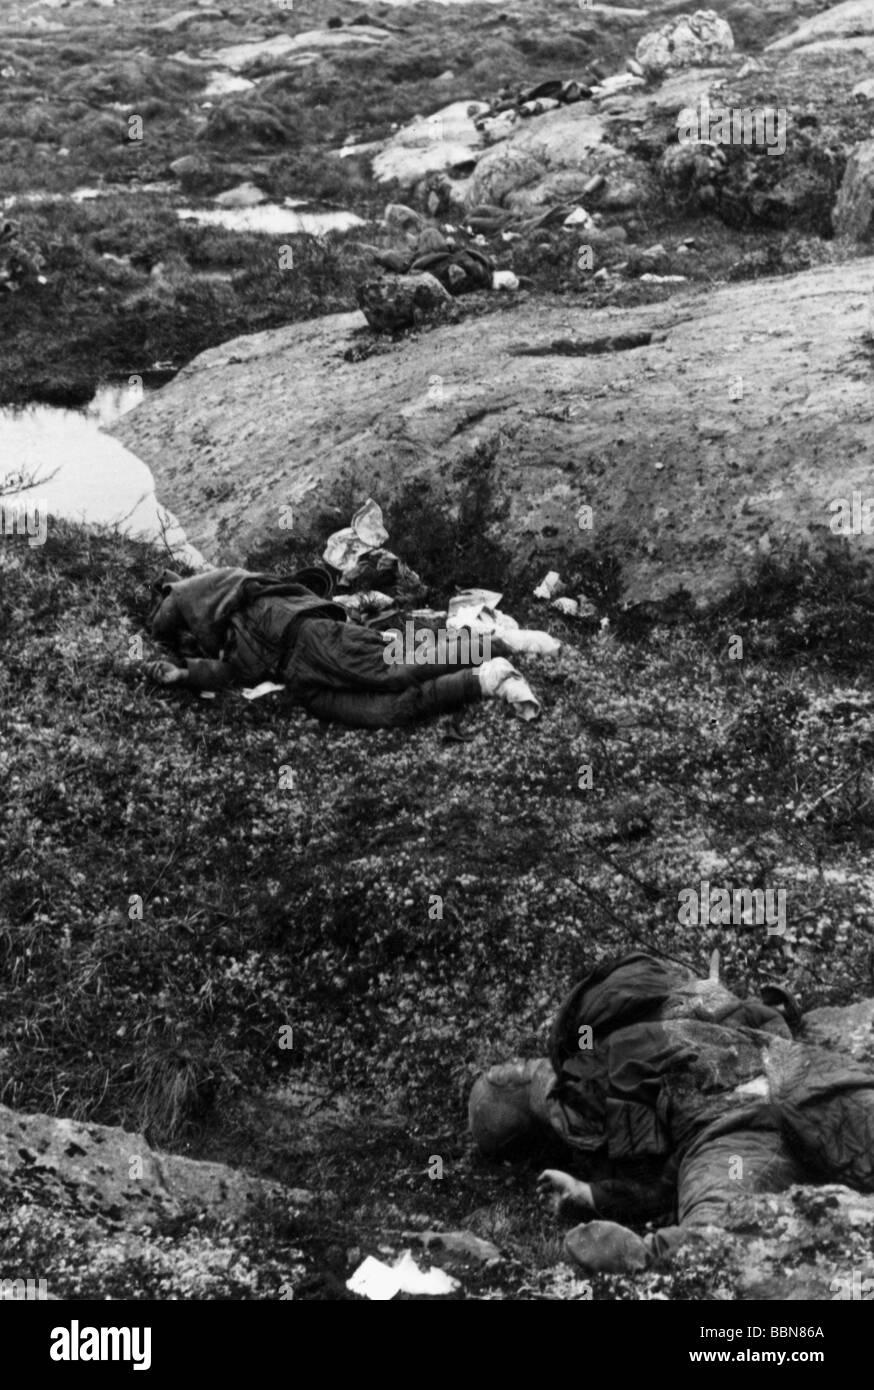 WWII B&W PHOTO Dead German Soldiers Filmed World War Two